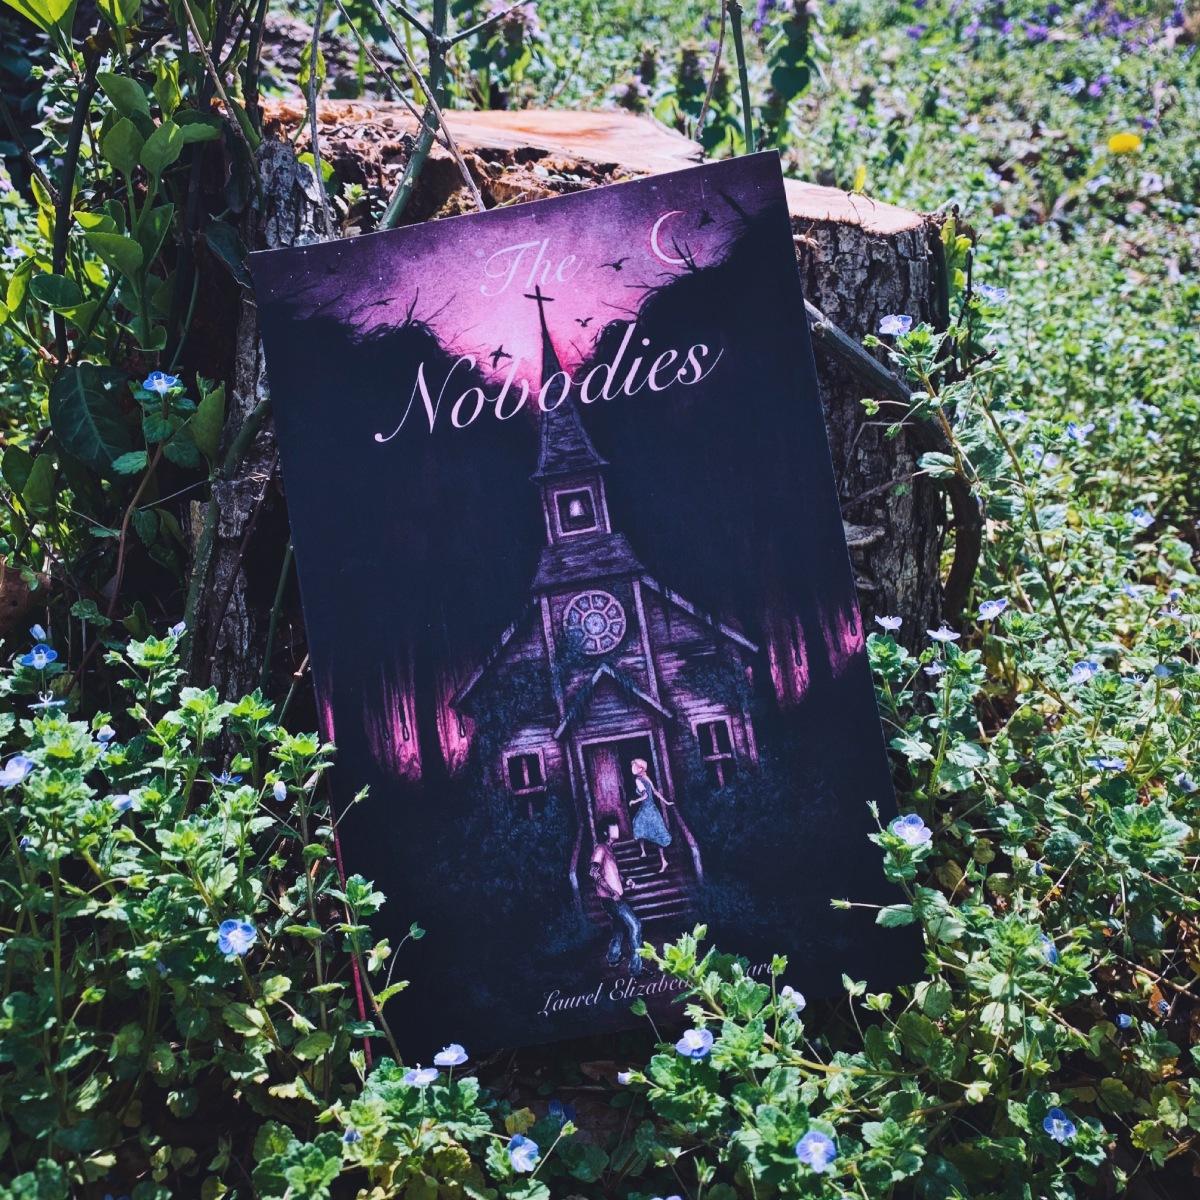 The Nobodies by Laurel Elizabeth Hasara